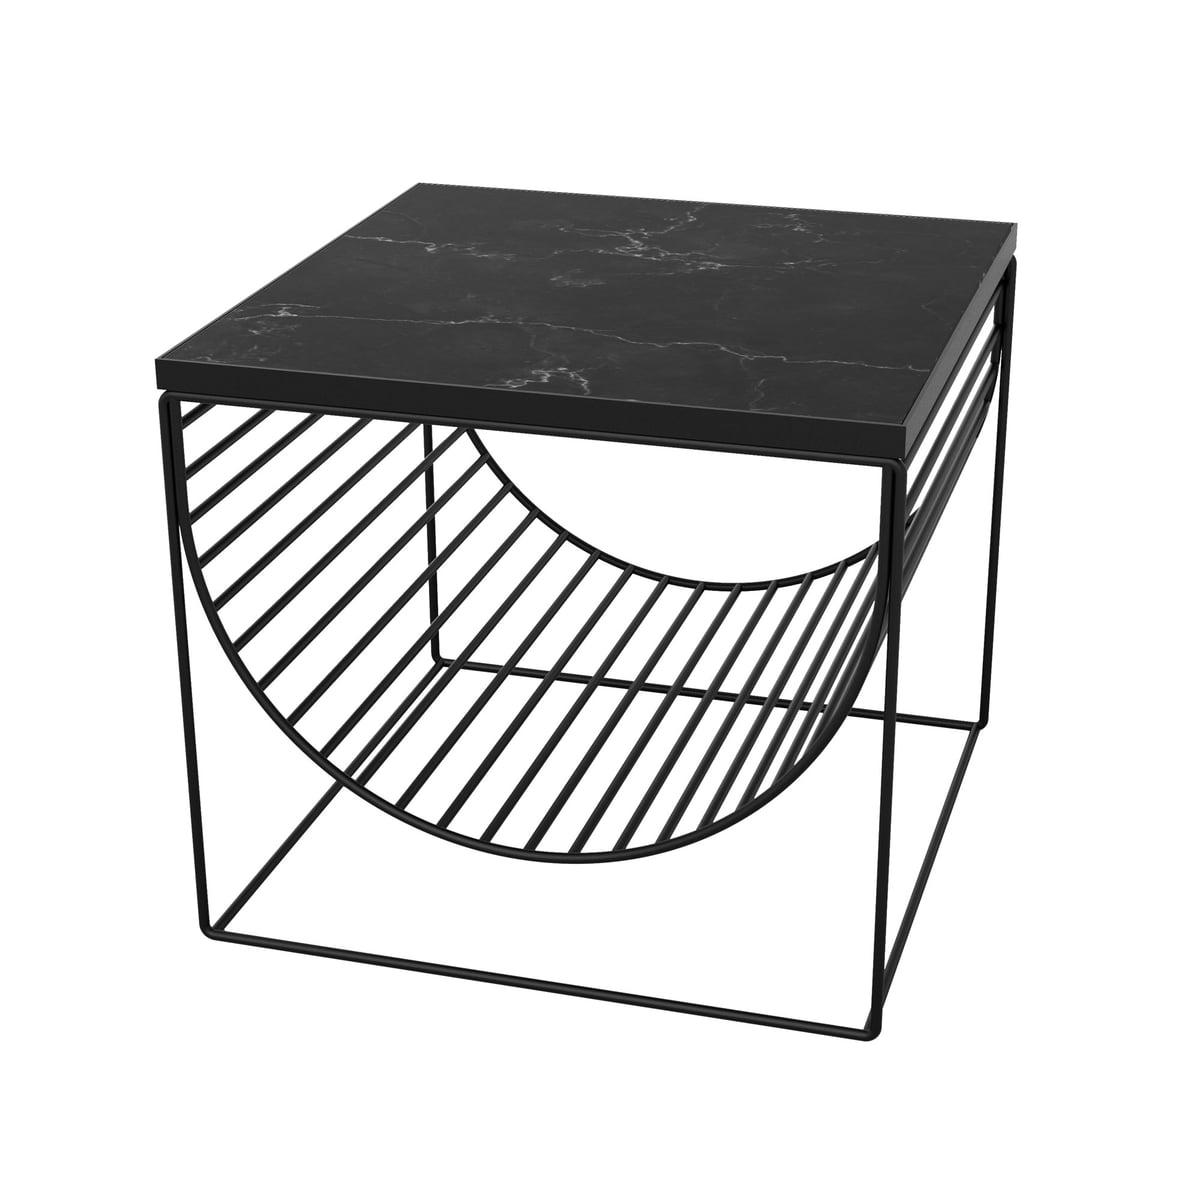 3er Set Beistelltisch mit Holzdeckel Couchtisch Metall Ø30+35+40cm Weiss